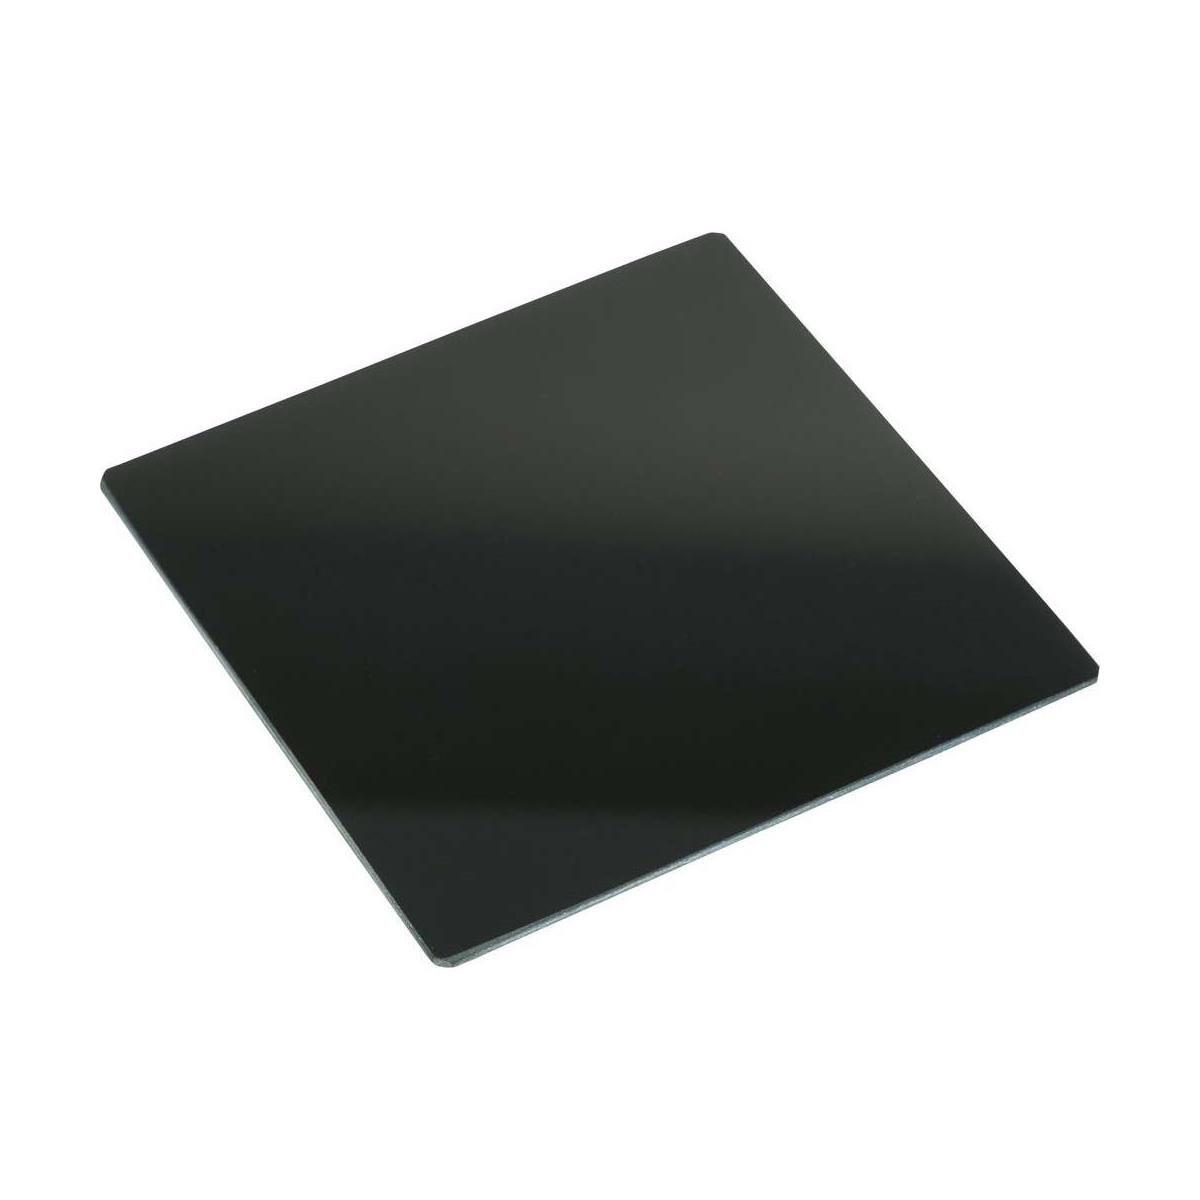 Lee Filters Foundation Kit/Filter Holder - Bundle 100x100mm Big Stopper 3.0 ND Filter, 100x100mm Little Stopper Neutral Density Filter, Lee AR077 77 Adaptr Ring